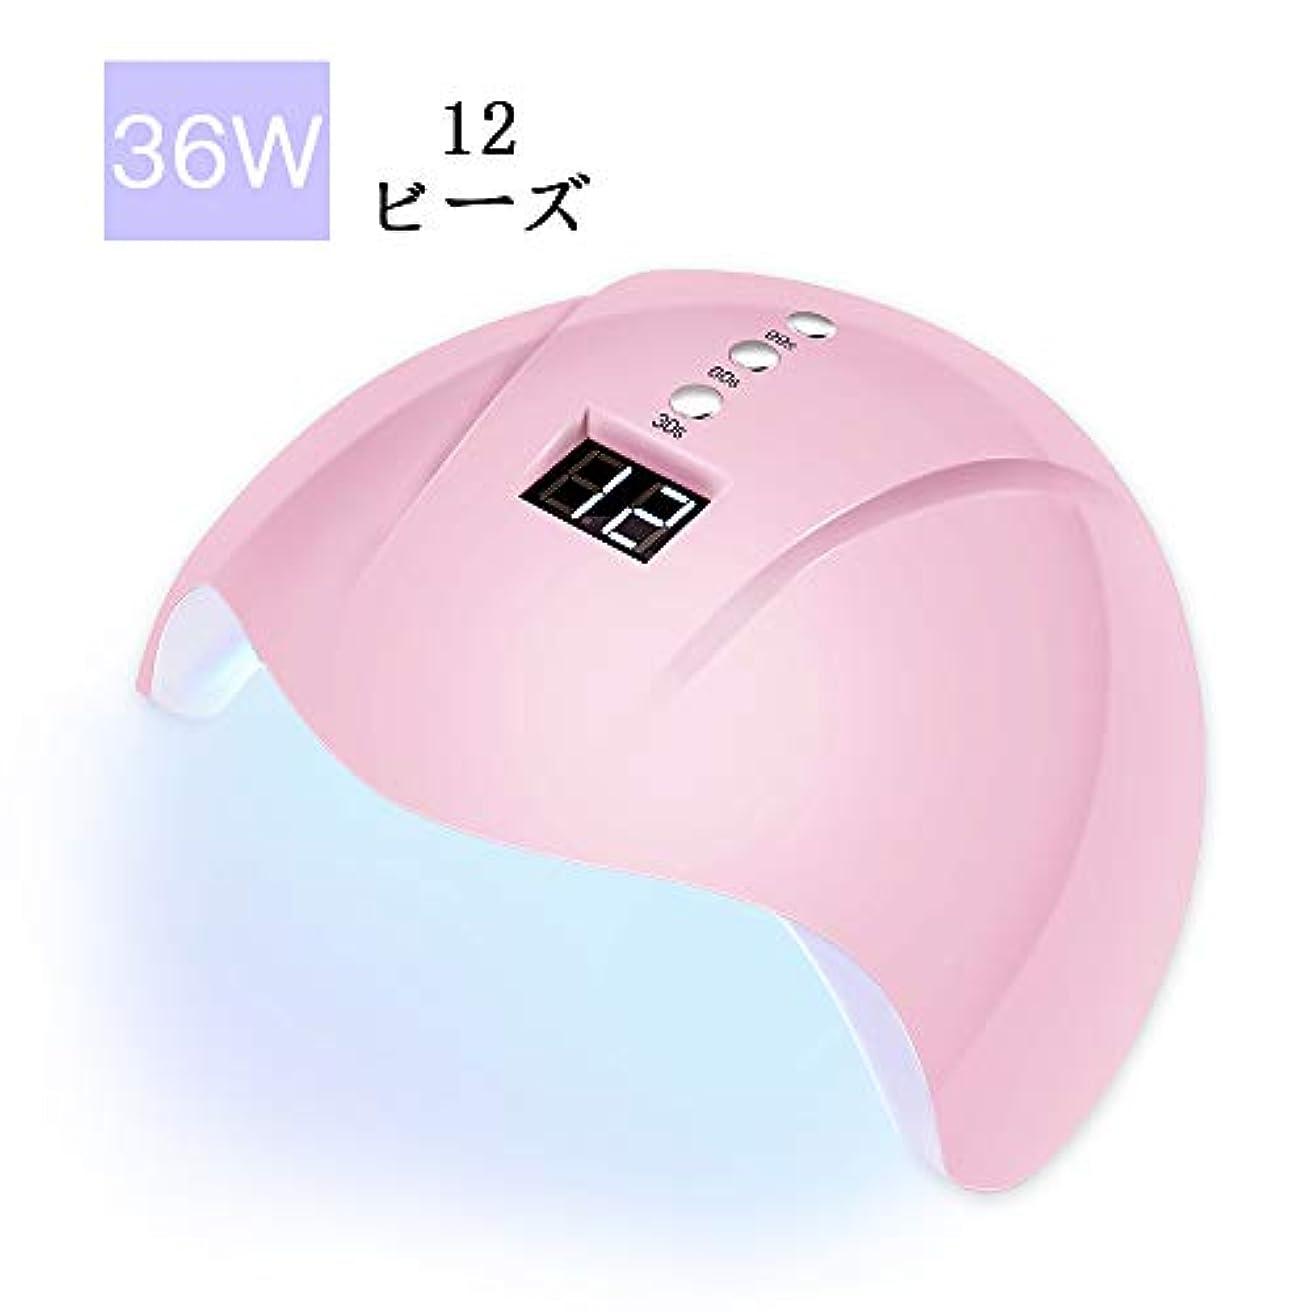 バラエティ流サーバWEVILI 2019最新版 UV LED ジェルネイル ライト ネイルドライヤー 全ジェル対応 自動センサー 3段階タイマー設定 12LED 高速硬化